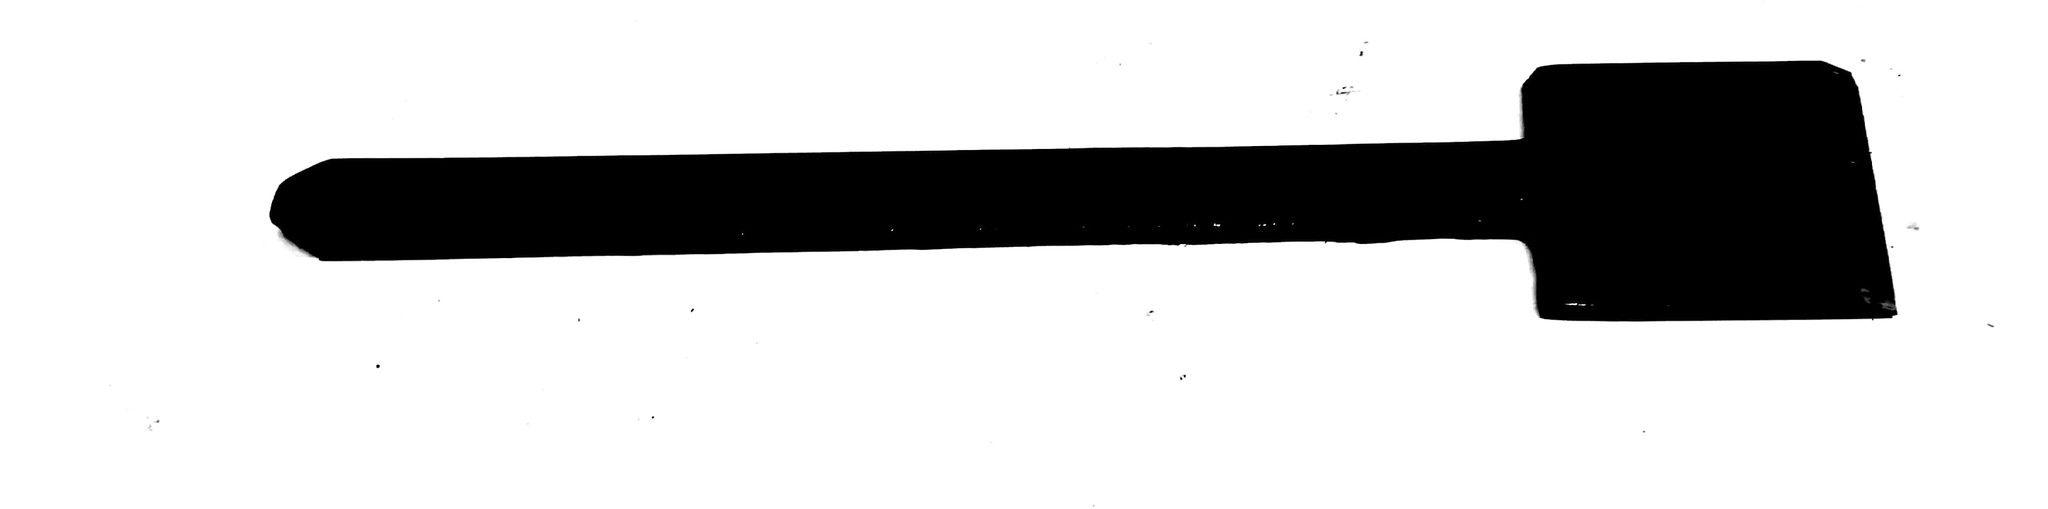 Ferro per sponderuola tipo semplice mm 32